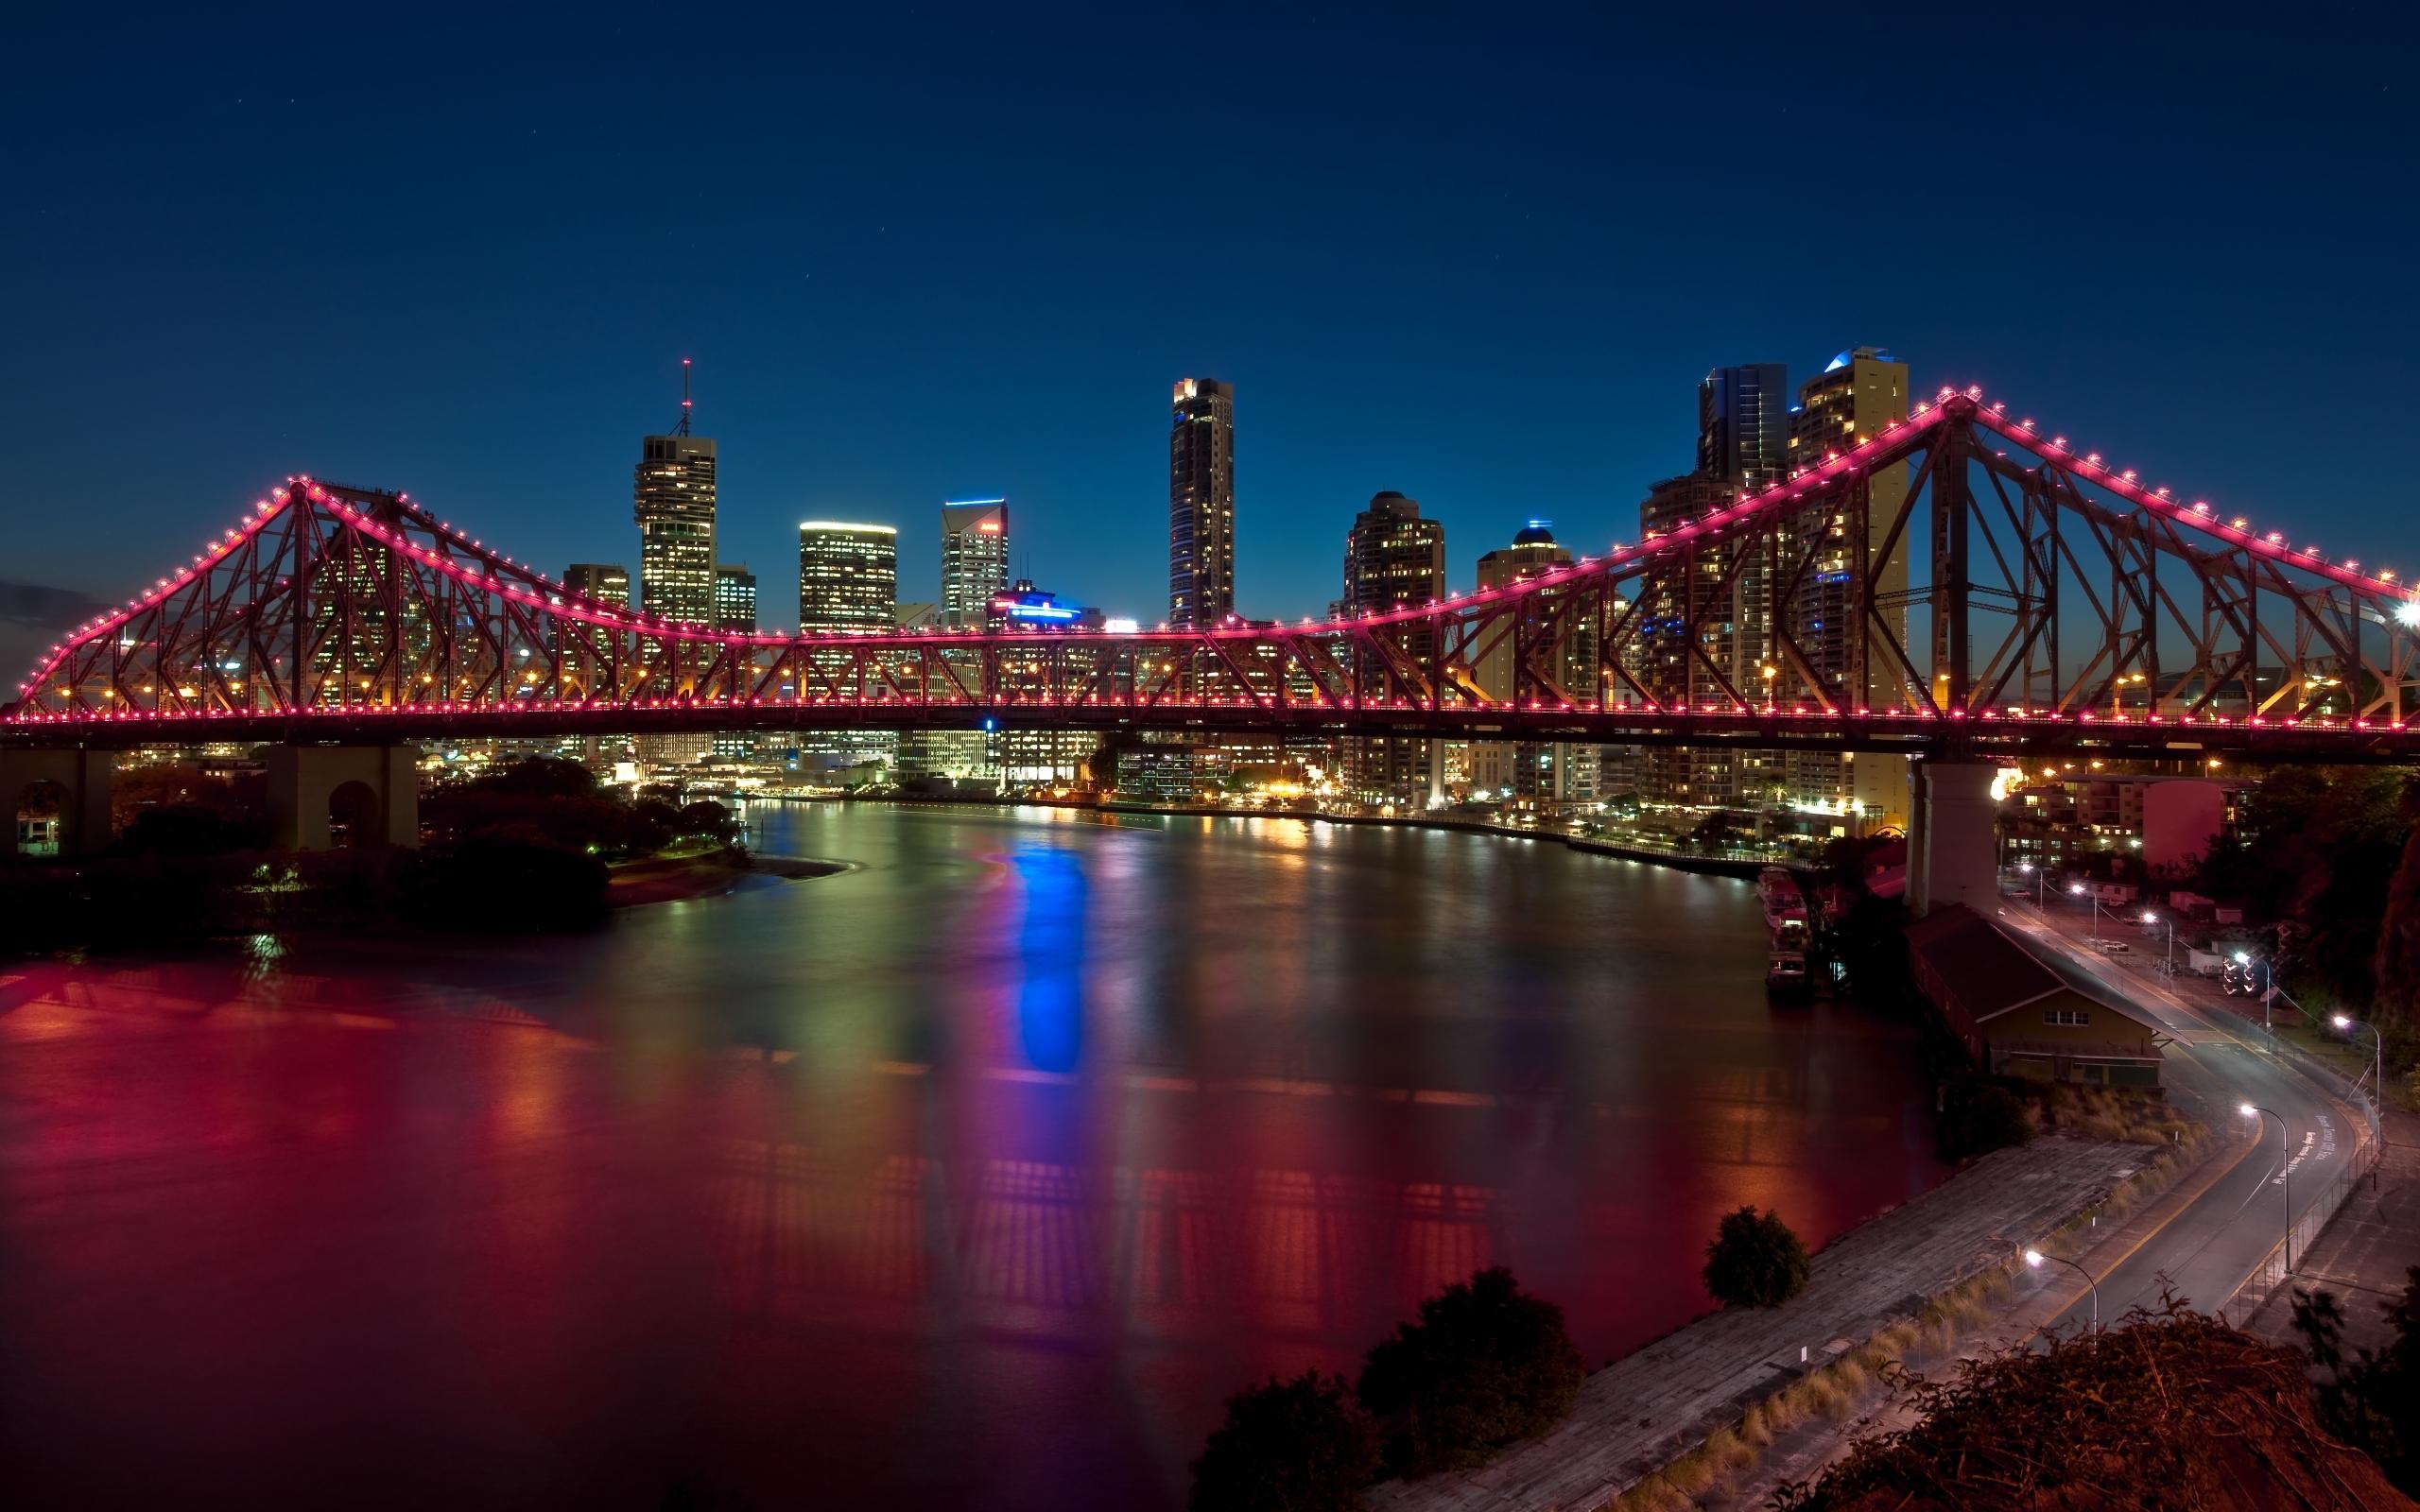 49787 économiseurs d'écran et fonds d'écran Bridges sur votre téléphone. Téléchargez Paysage, Villes, Bridges images gratuitement